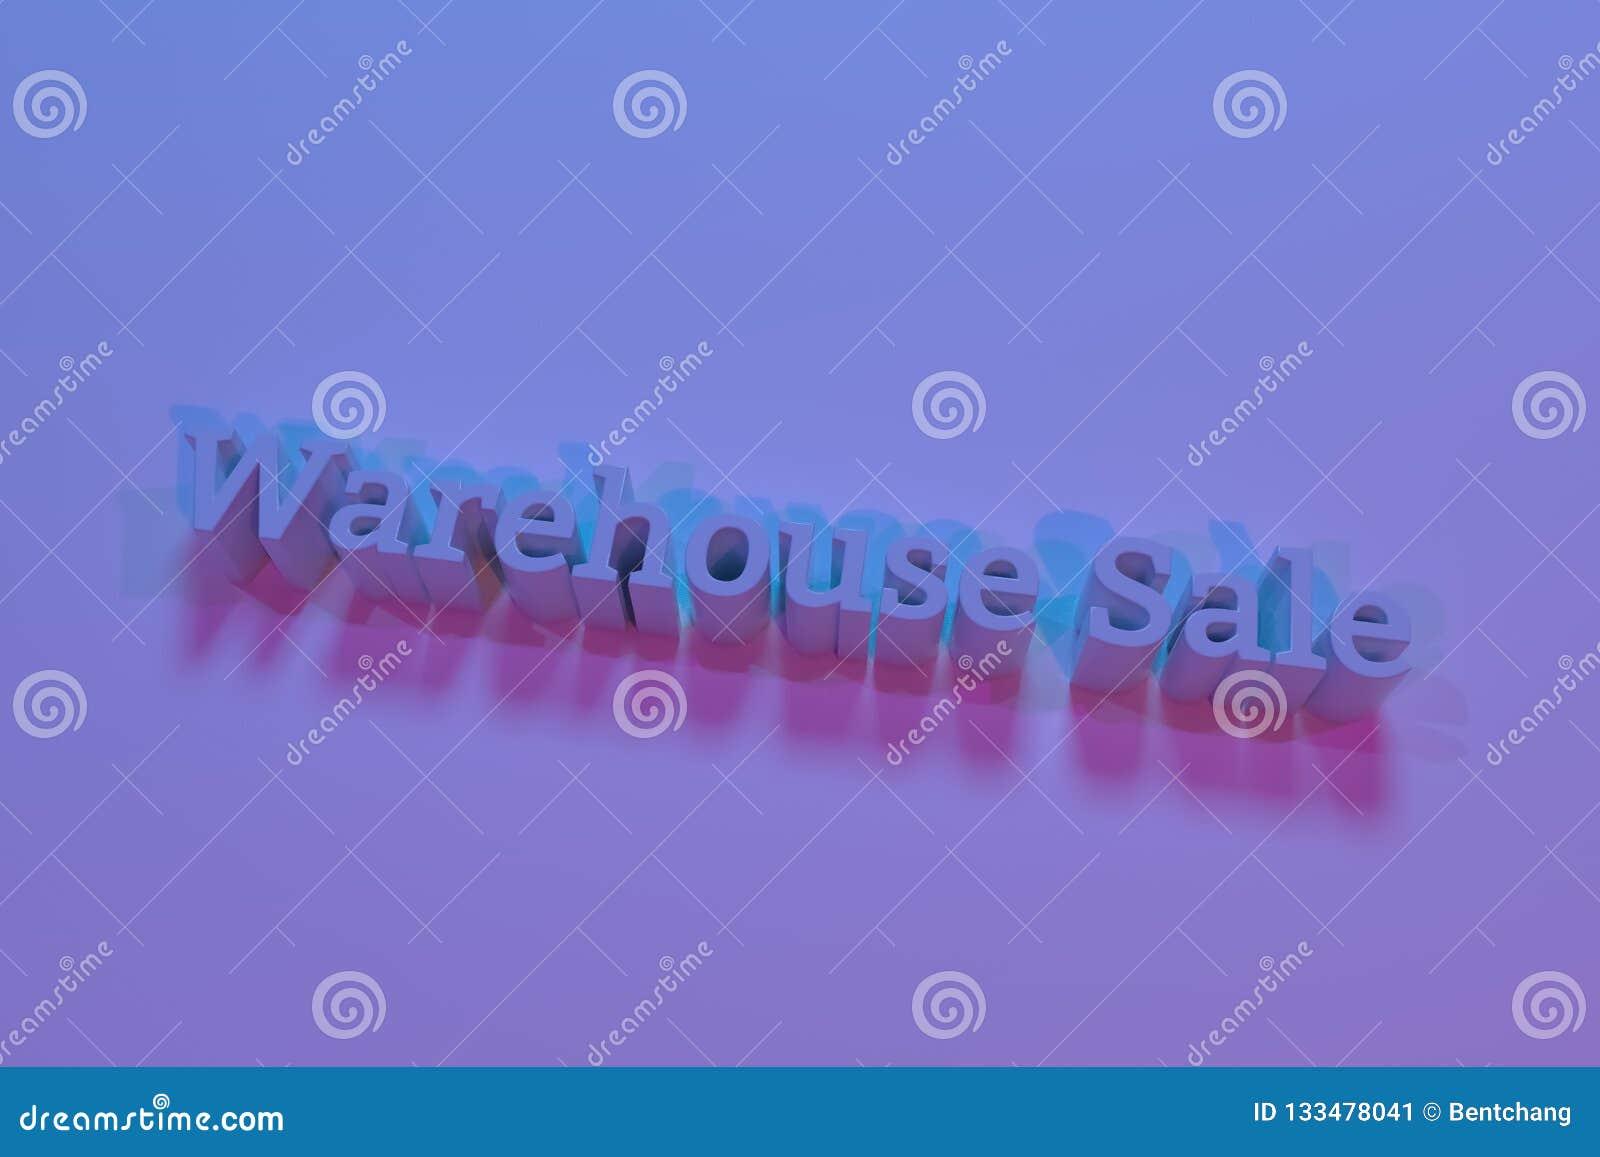 Lagerförsäljning, tolkning 3D Cgi-nyckelord För grafisk design eller bakgrund typografi